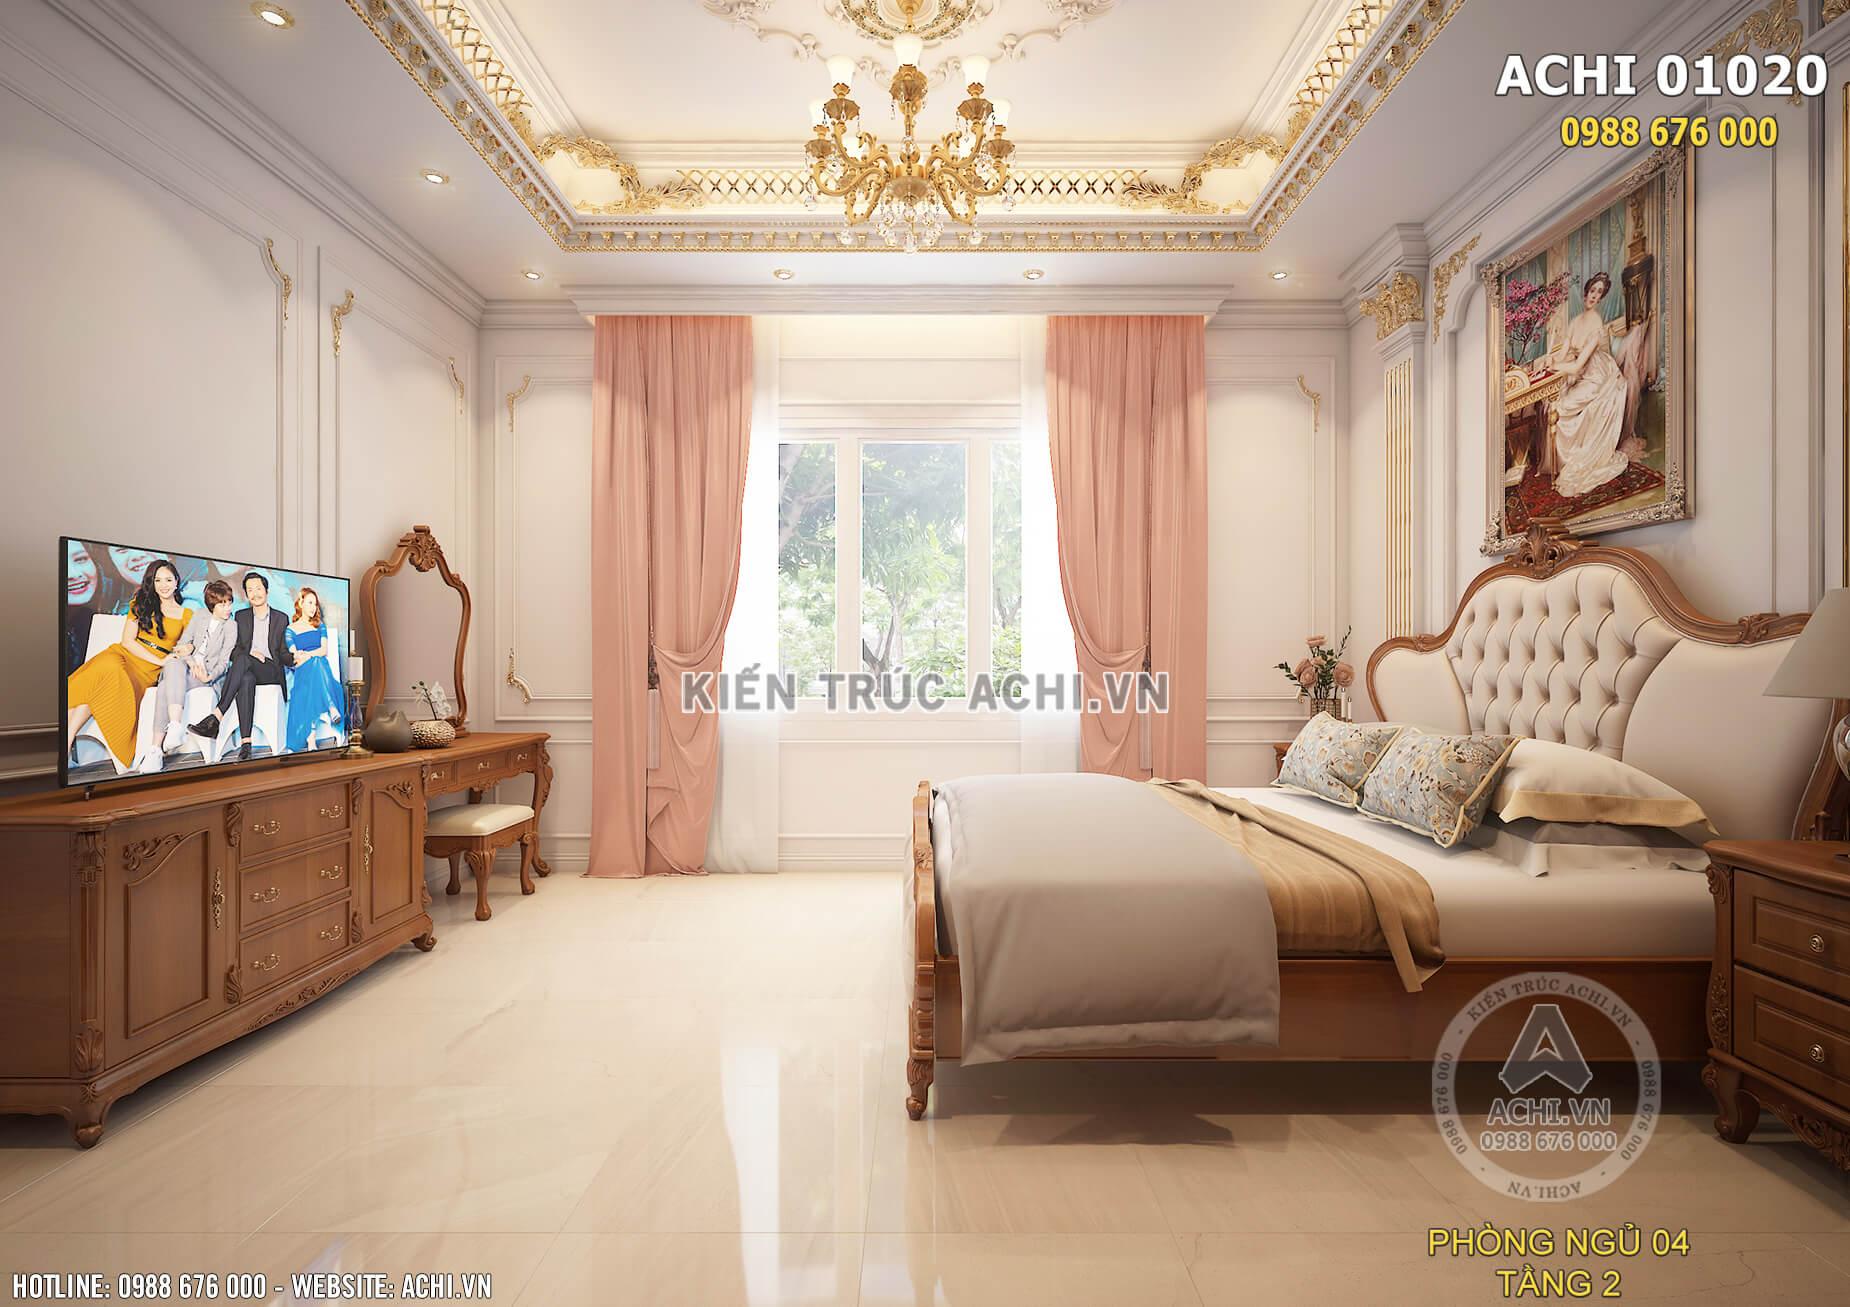 Hệ thống cửa kính khung gỗ sơn trắng tối ưu nguồn ánh sáng cho phòng ngủ